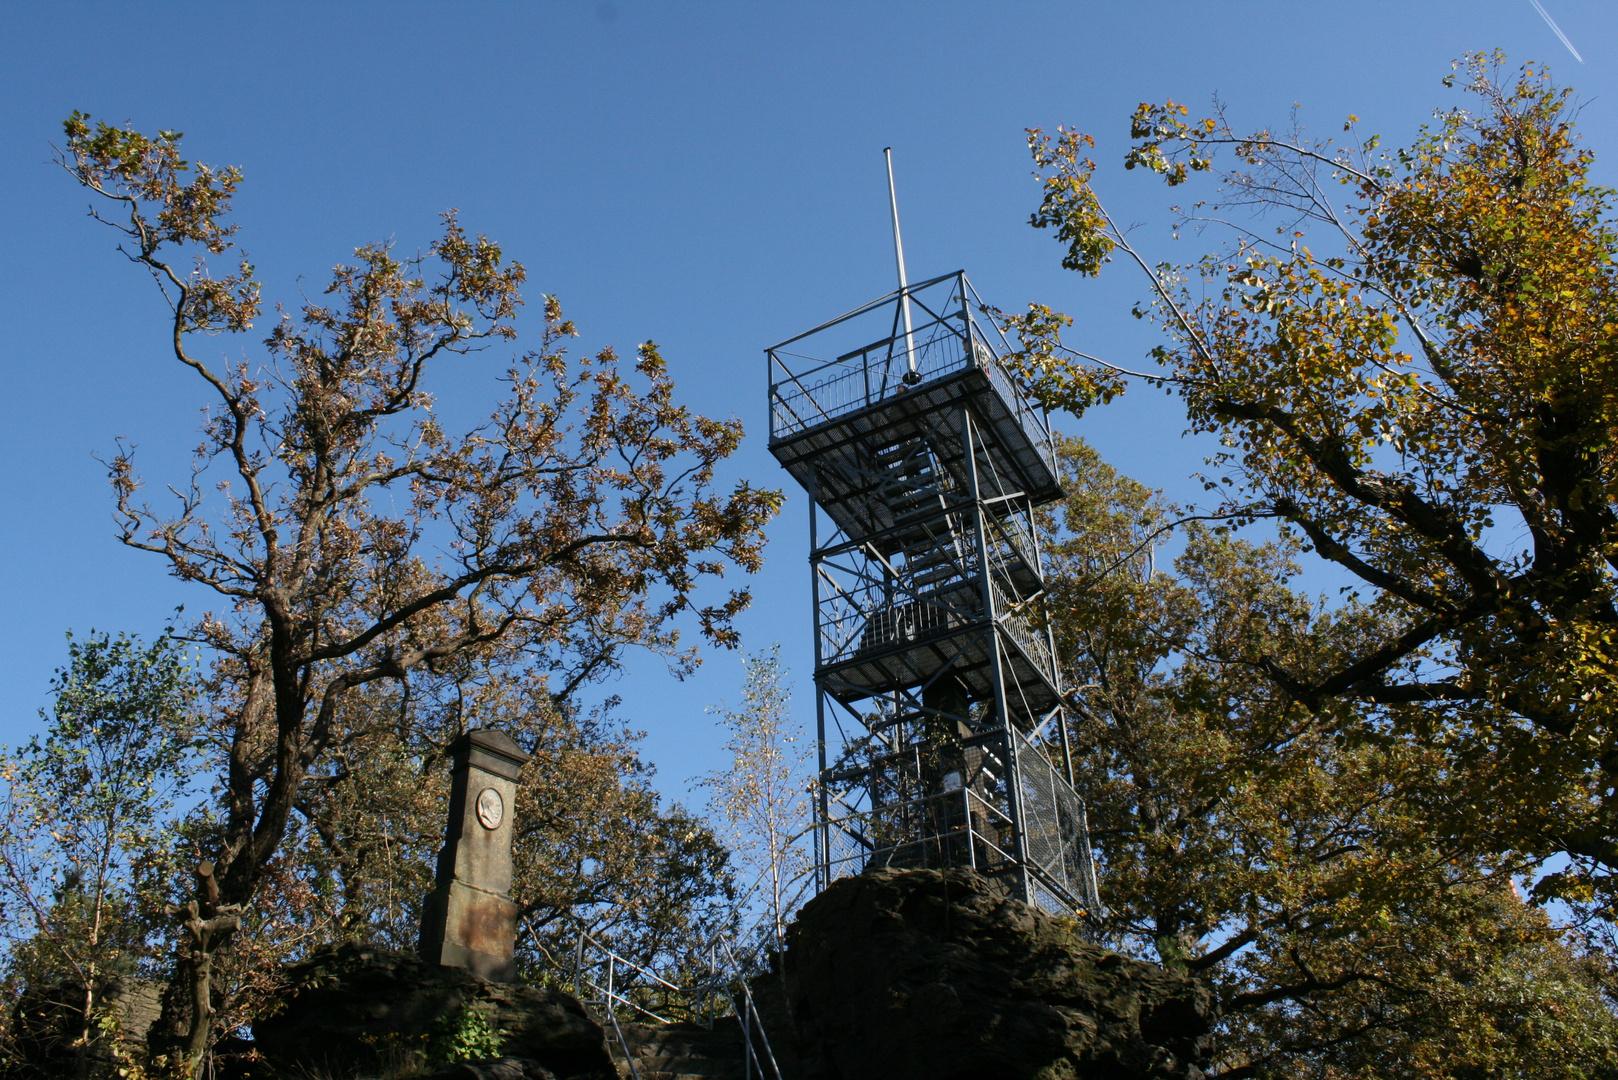 Aussichtsturm auf dem Keulenberg bei Oberlichtenau